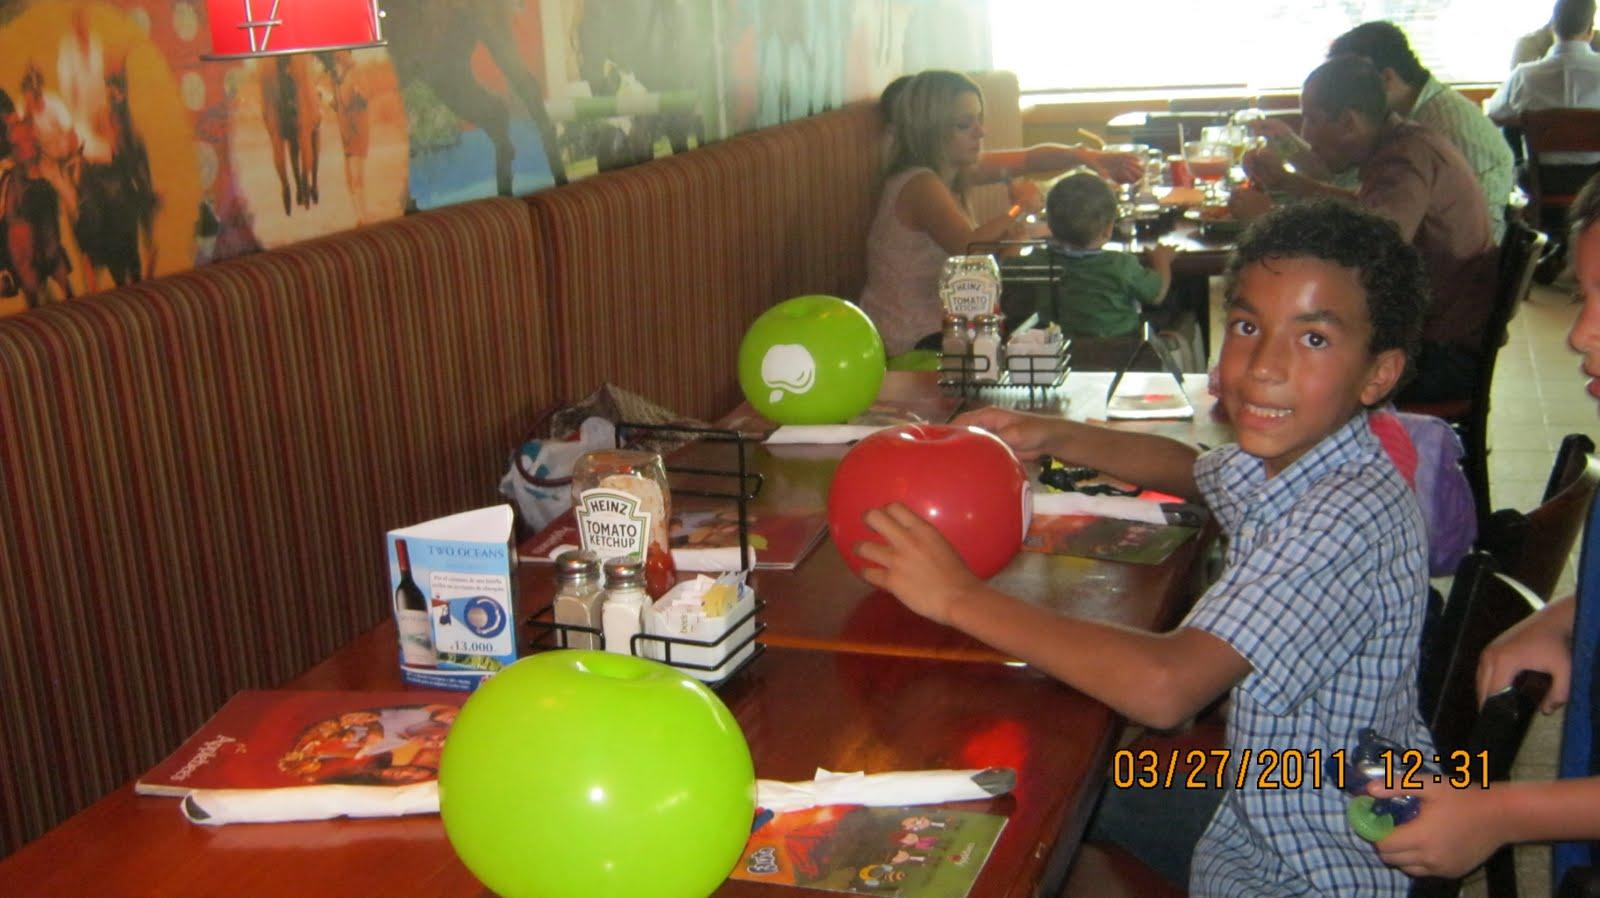 The Pura Vida Mommy Boobie S Birthday Celebration